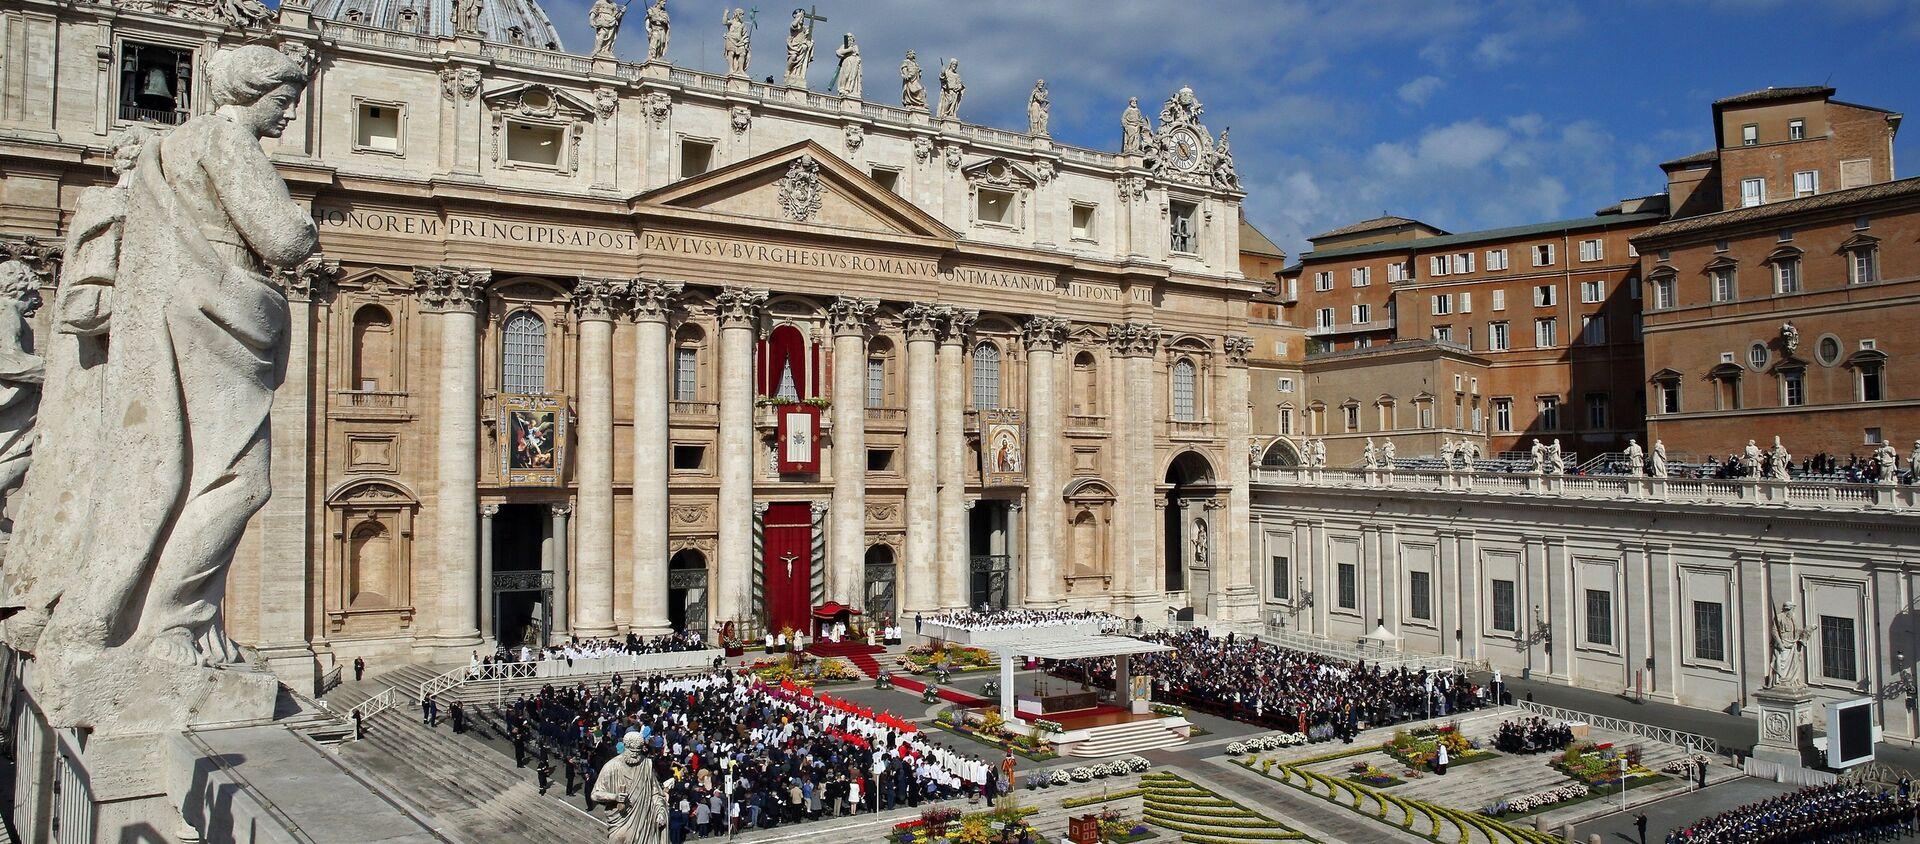 Il Papa Francesco tiene la messa di Pasqua alla Cattedrale di San Pietro in Vaticano. - Sputnik Italia, 1920, 01.05.2020